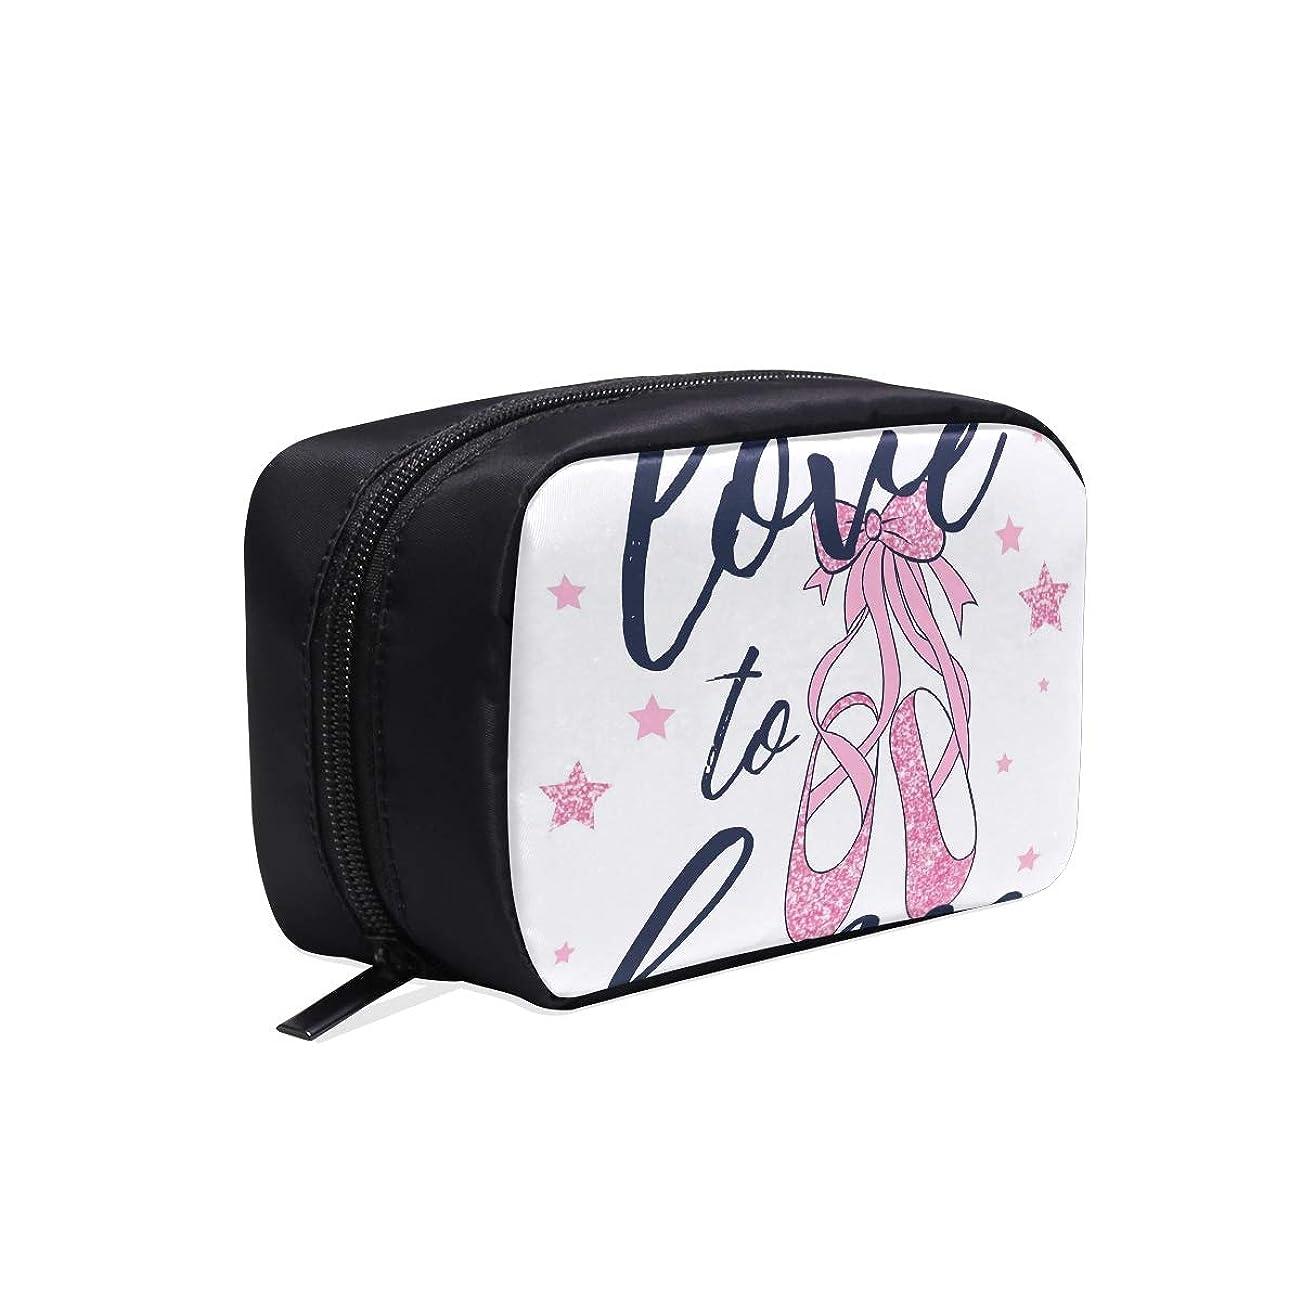 に同意する暴君心理学GXMAN メイクポーチ バレエ ボックス コスメ収納 化粧品収納ケース 大容量 収納 化粧品入れ 化粧バッグ 旅行用 メイクブラシバッグ 化粧箱 持ち運び便利 プロ用